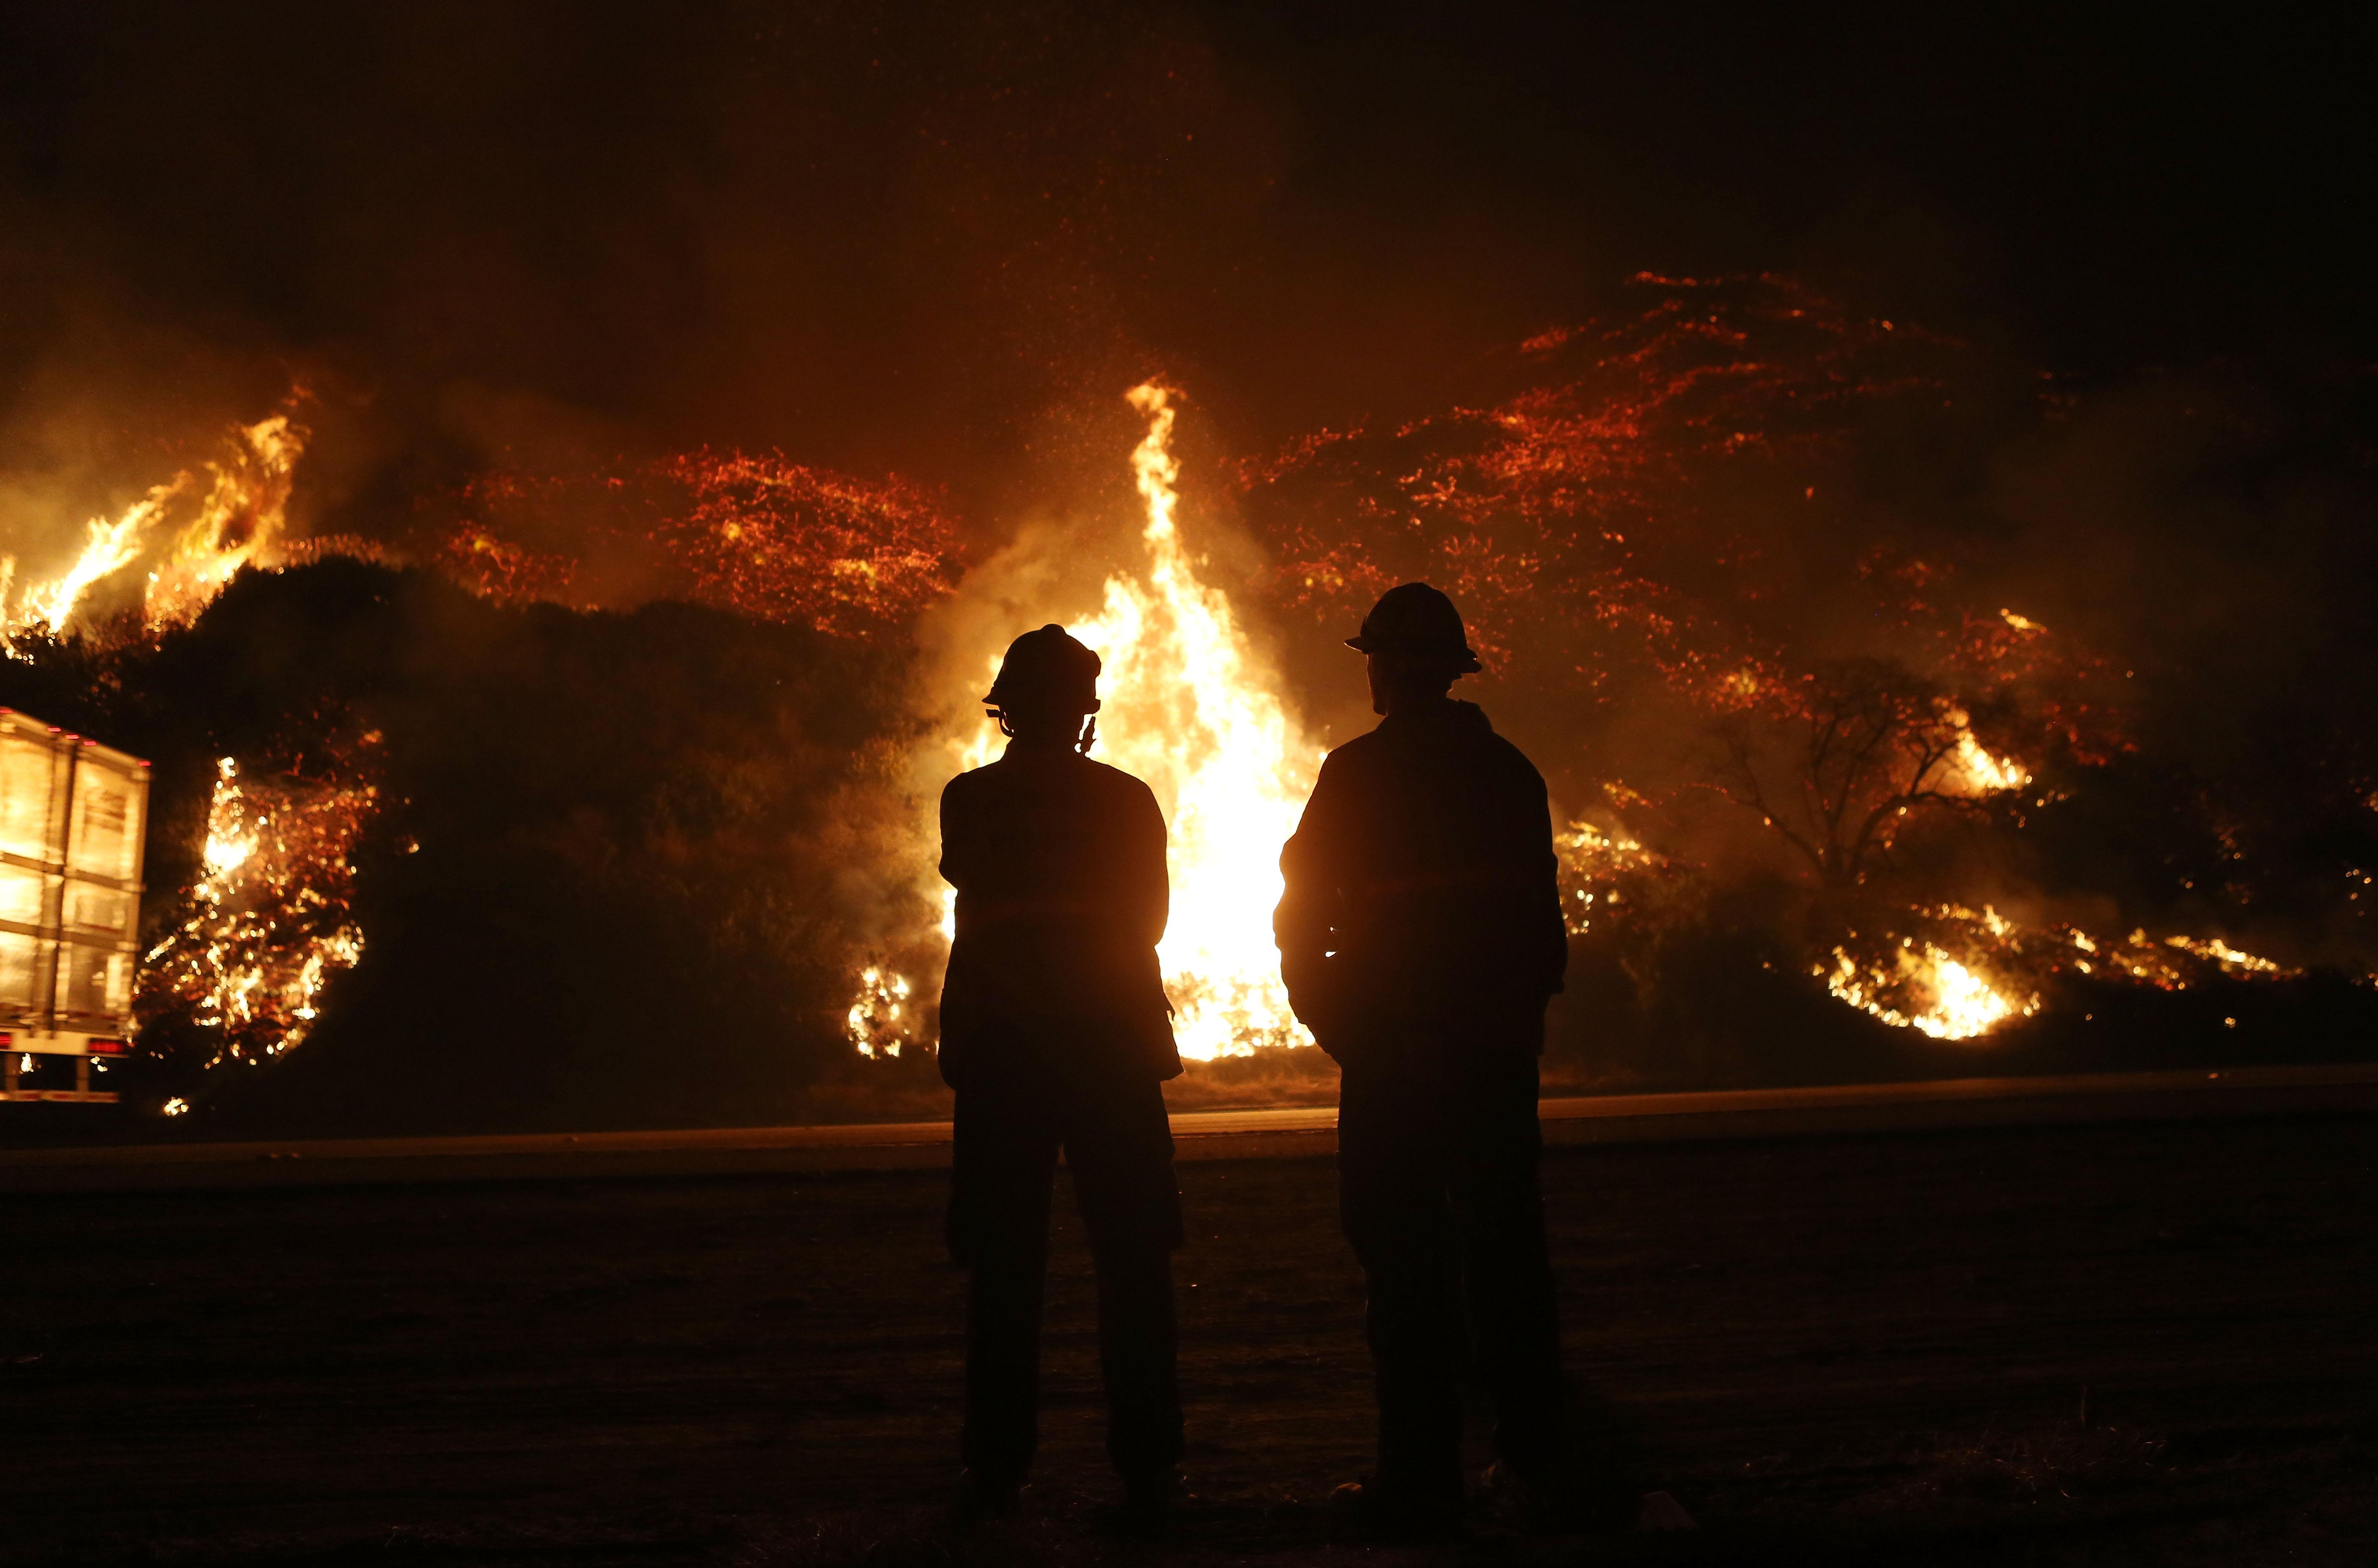 رجال الإطفاء يراقبون قطاعا من حريق توماس شمال مدينة فينتورا بولاية كاليفورنيا